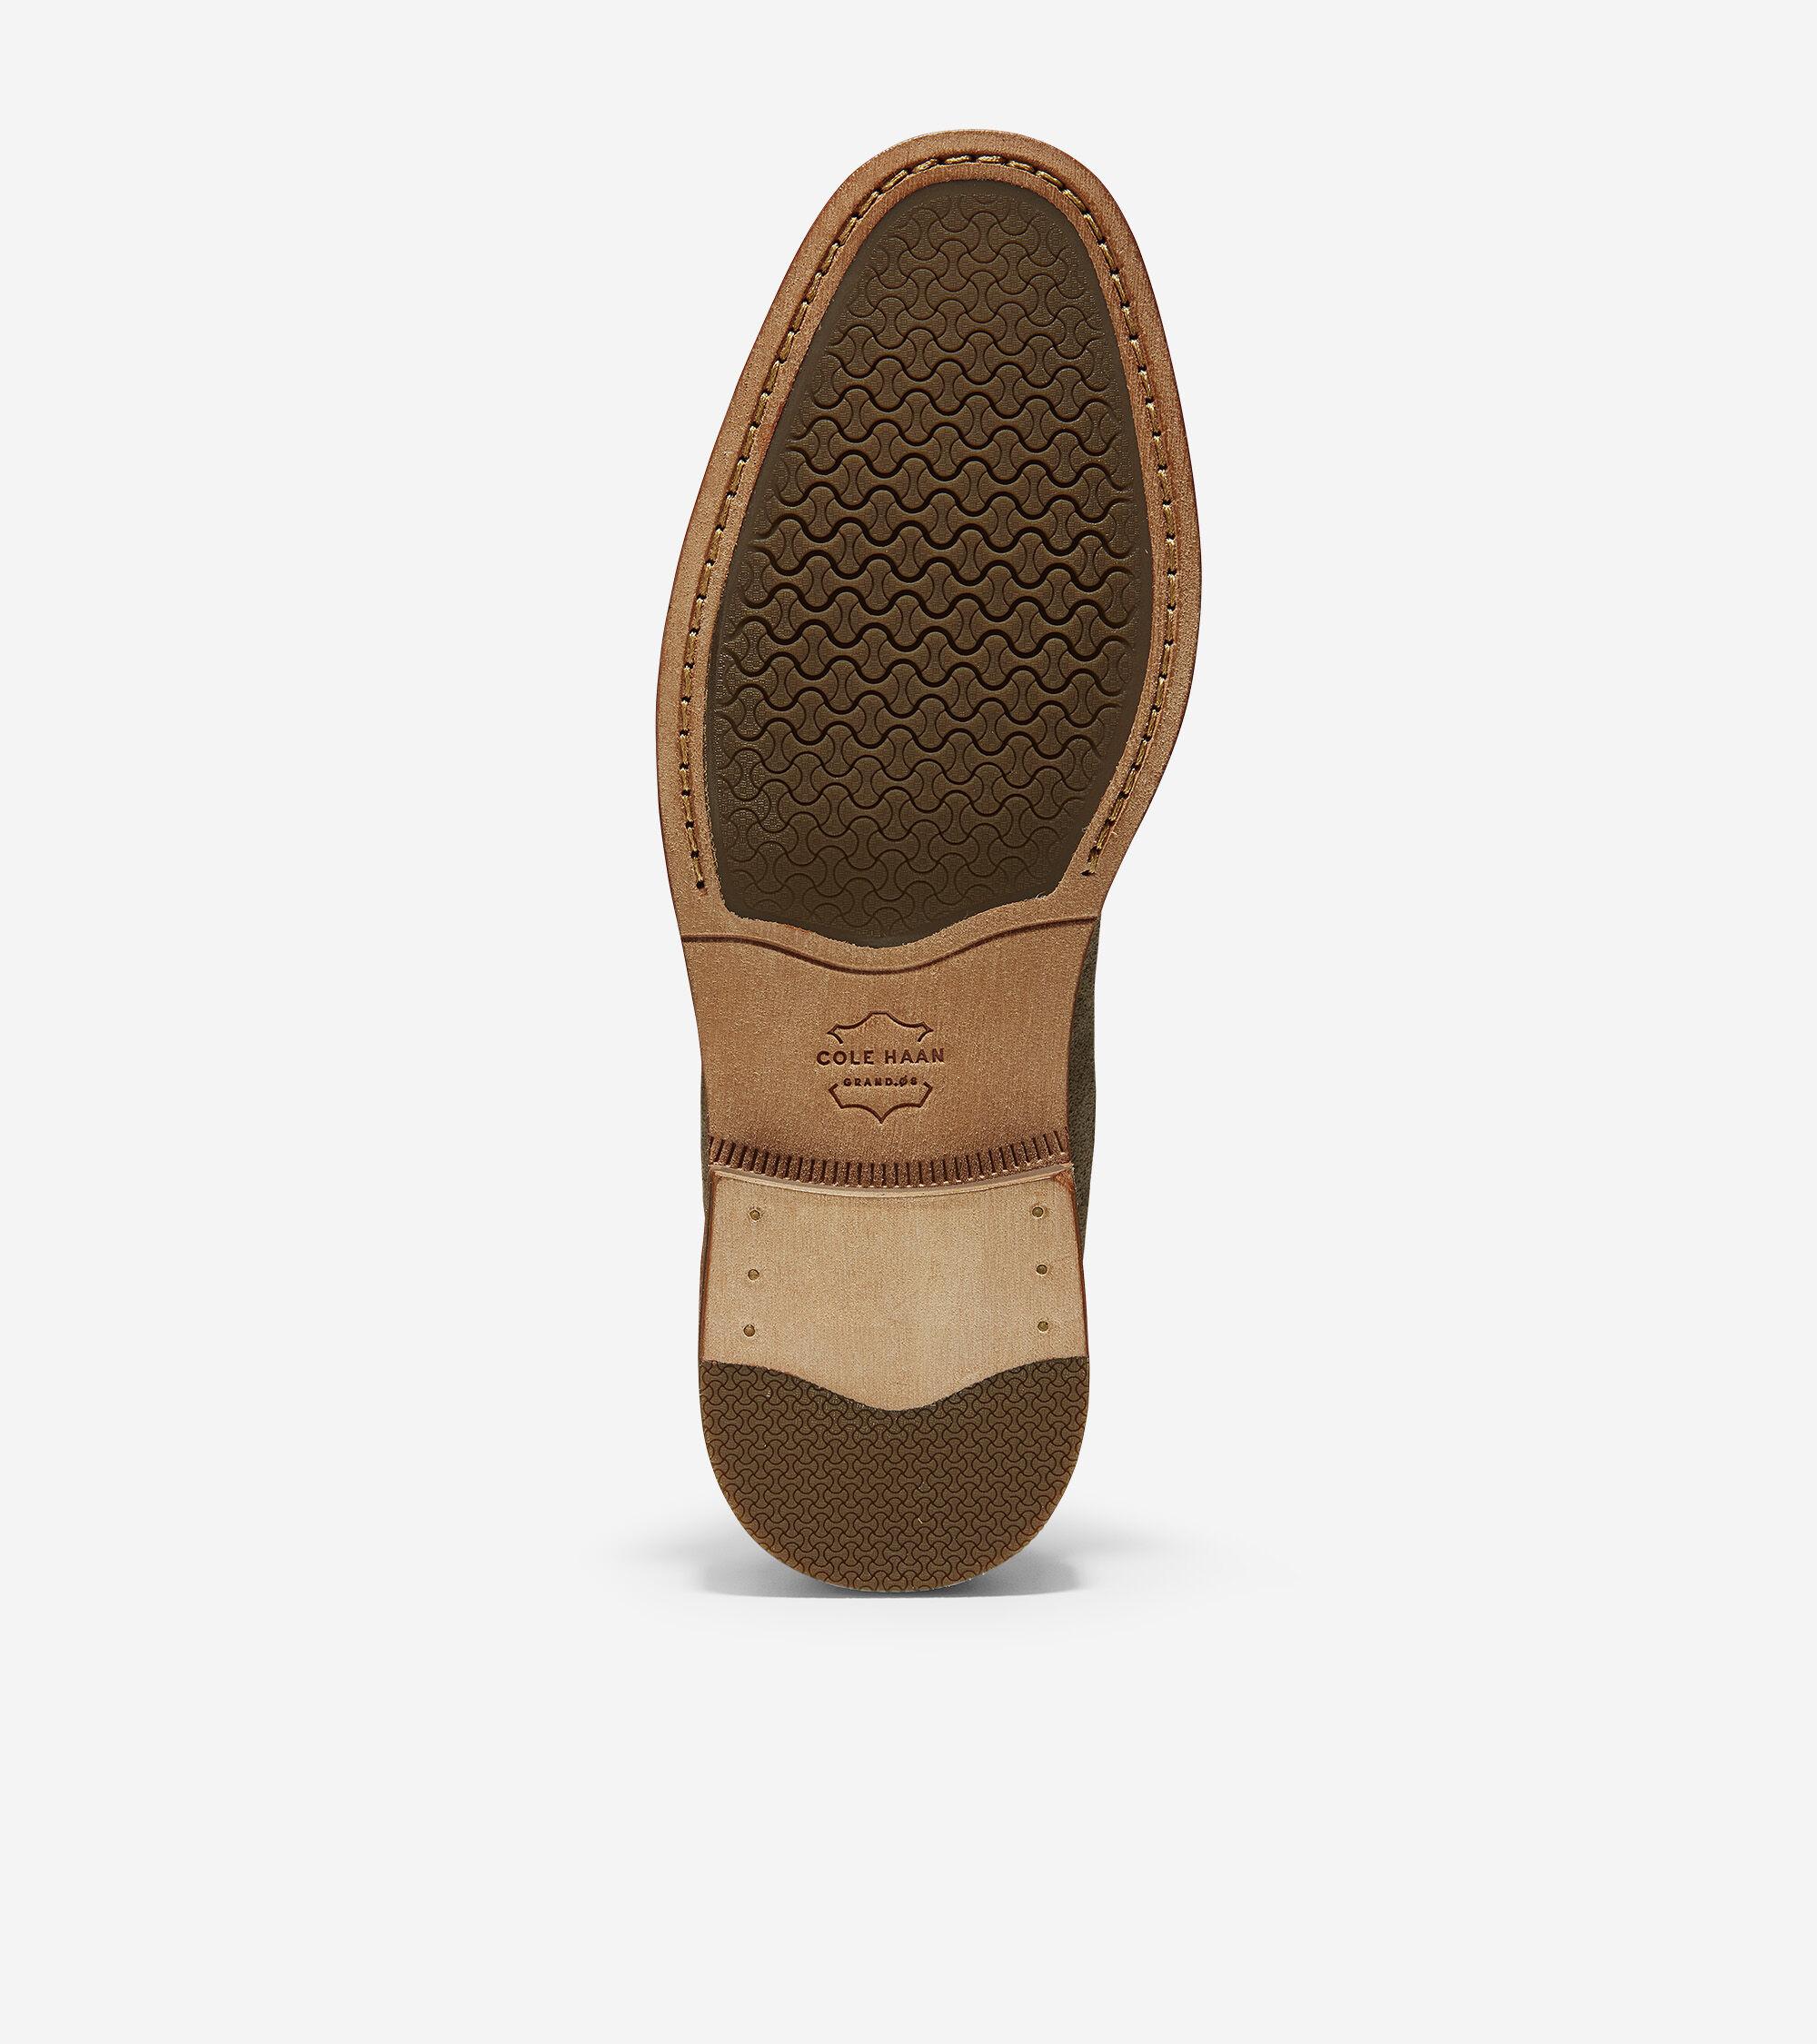 42dd63b1668 Men s Feathercraft Grand Venetian Loafers in Desert Beige